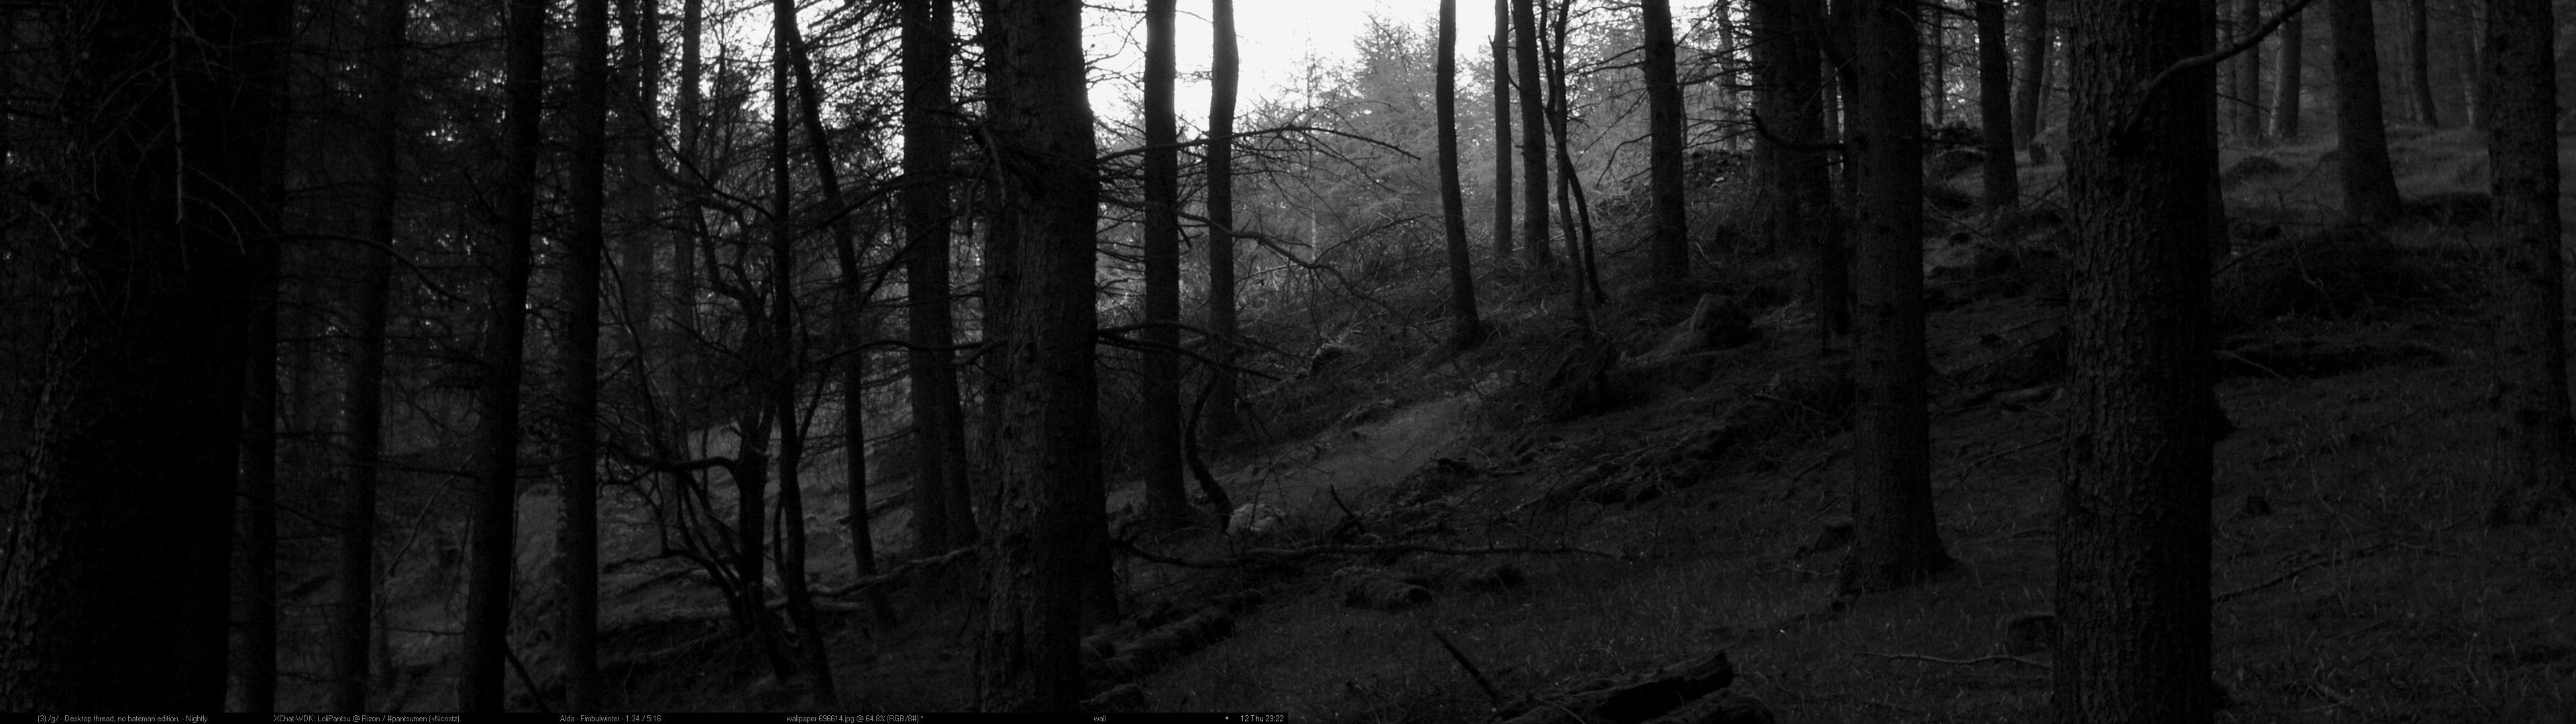 Black Forest By Lolipantsu D575y7y 3840x1080